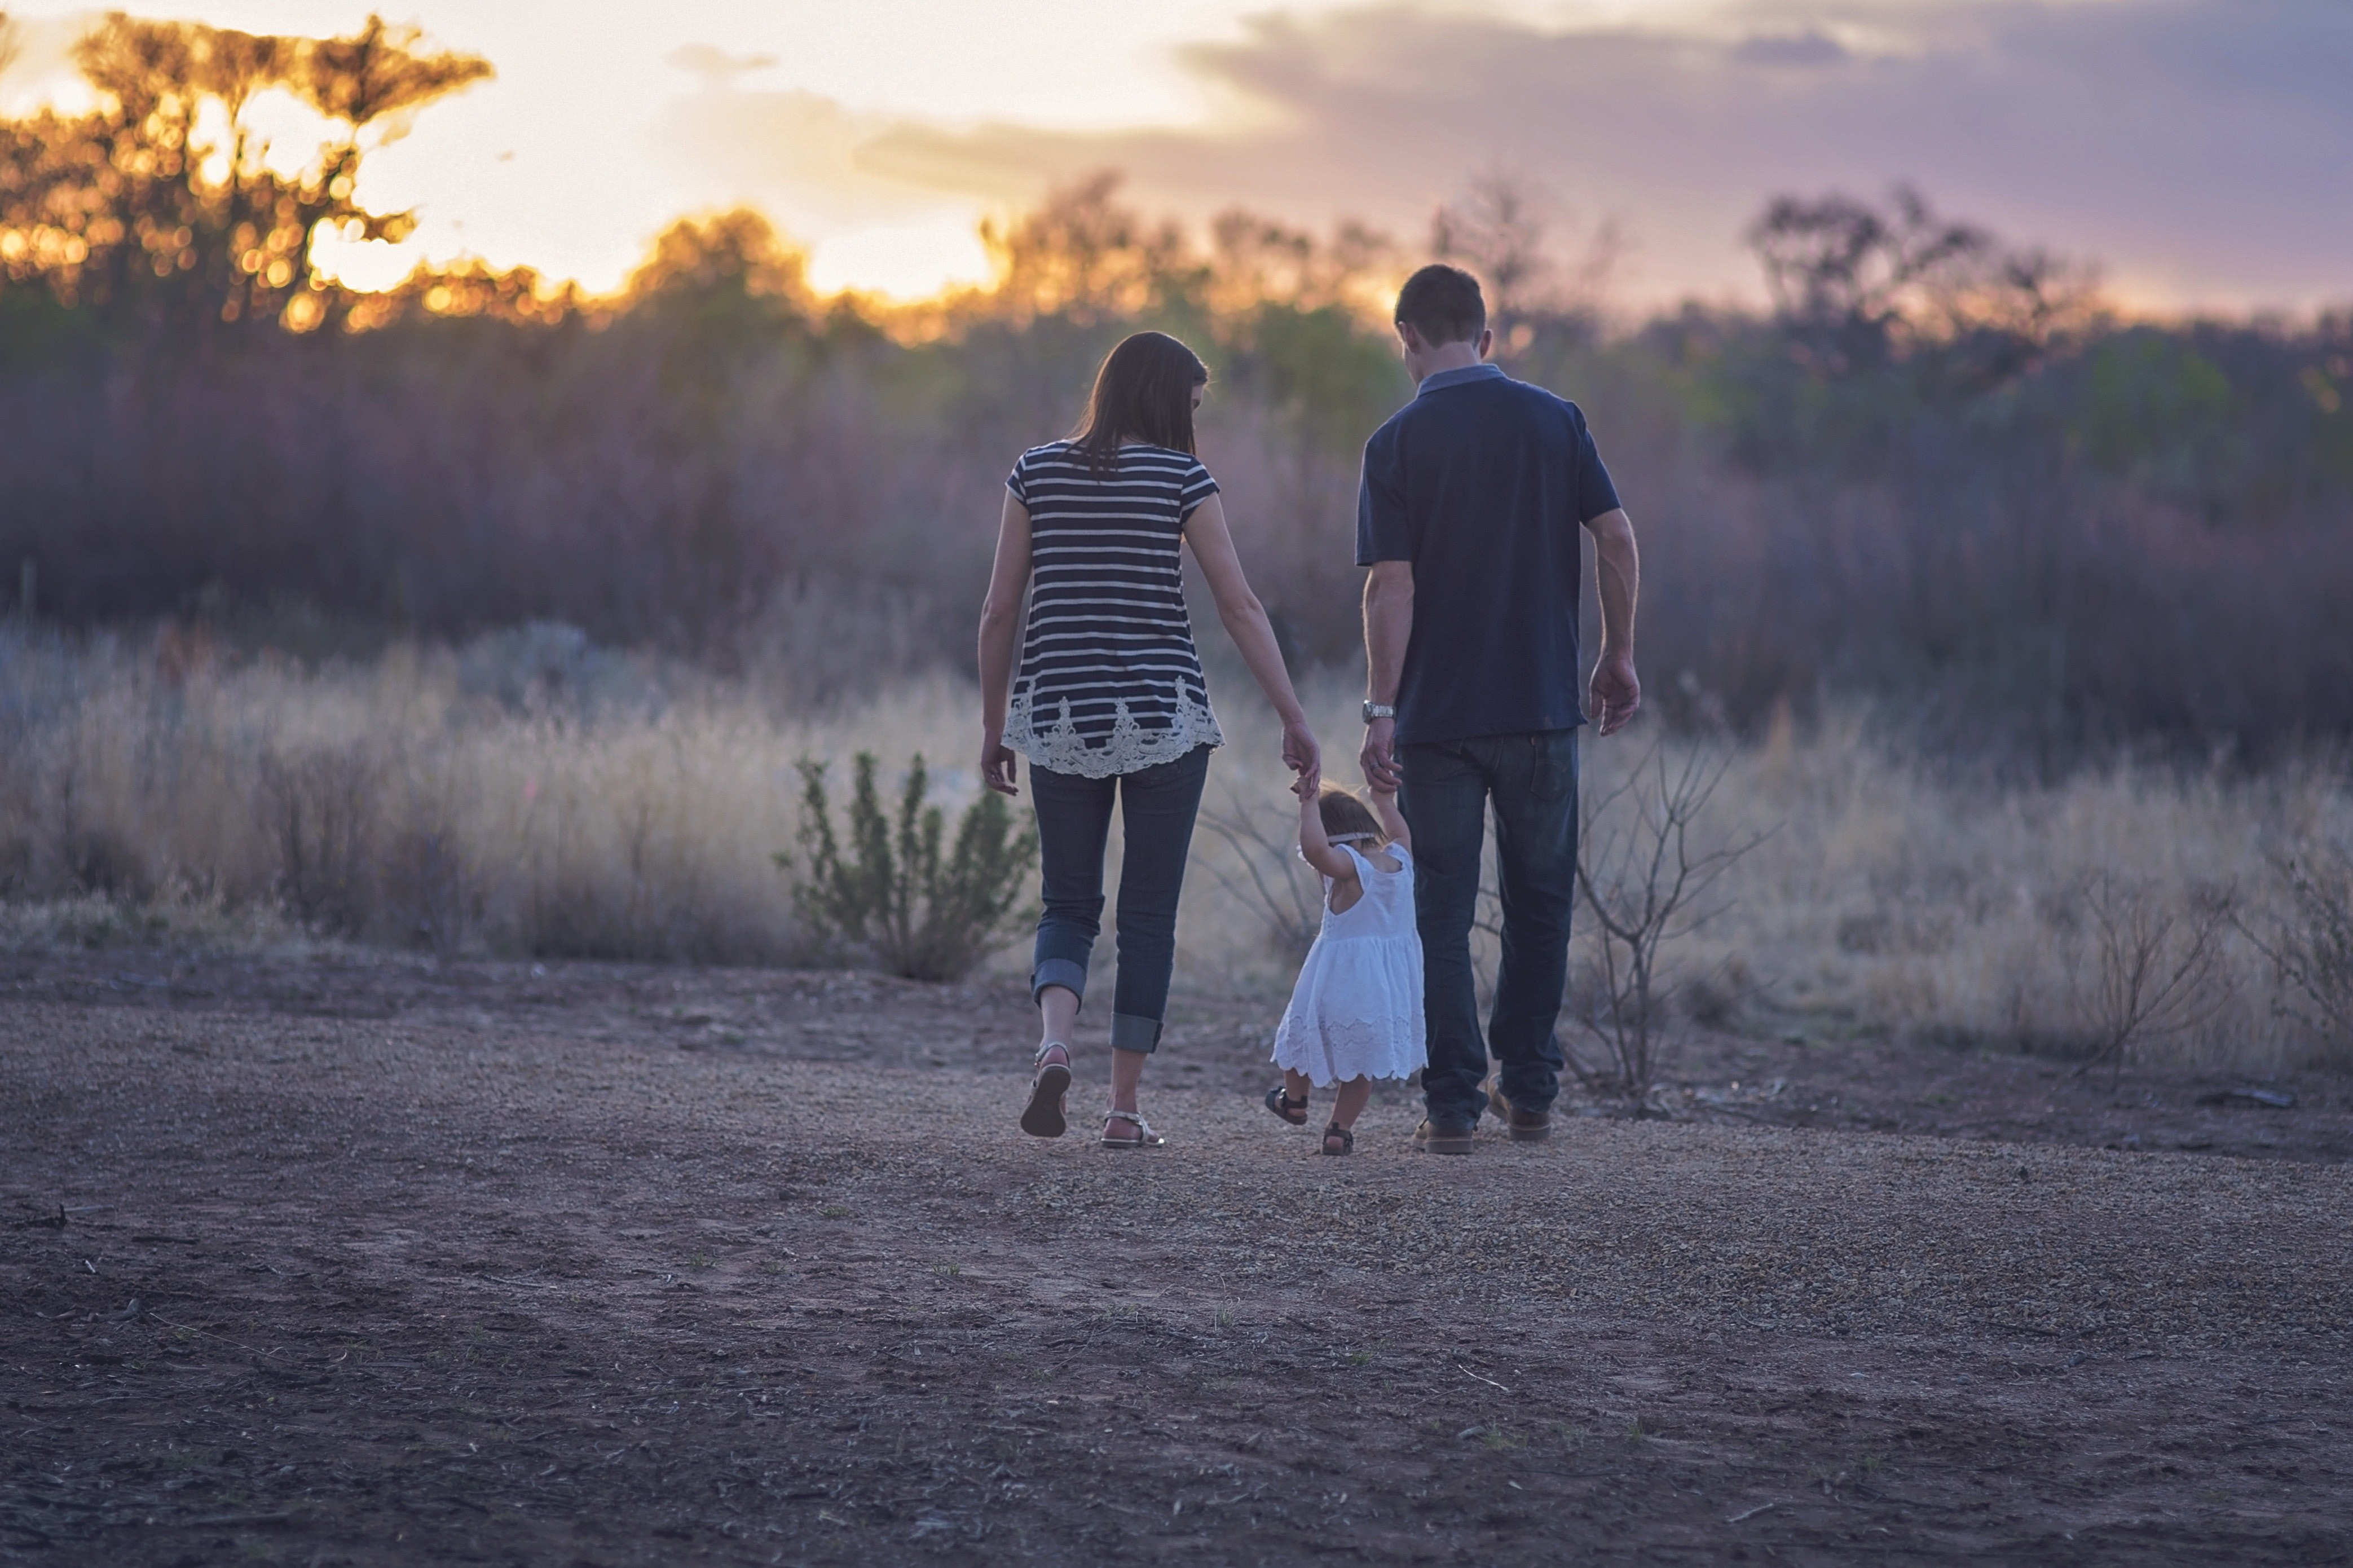 ▲全家福,一家人,家人,親子,夫妻。(圖/取自免費圖庫Pexels)